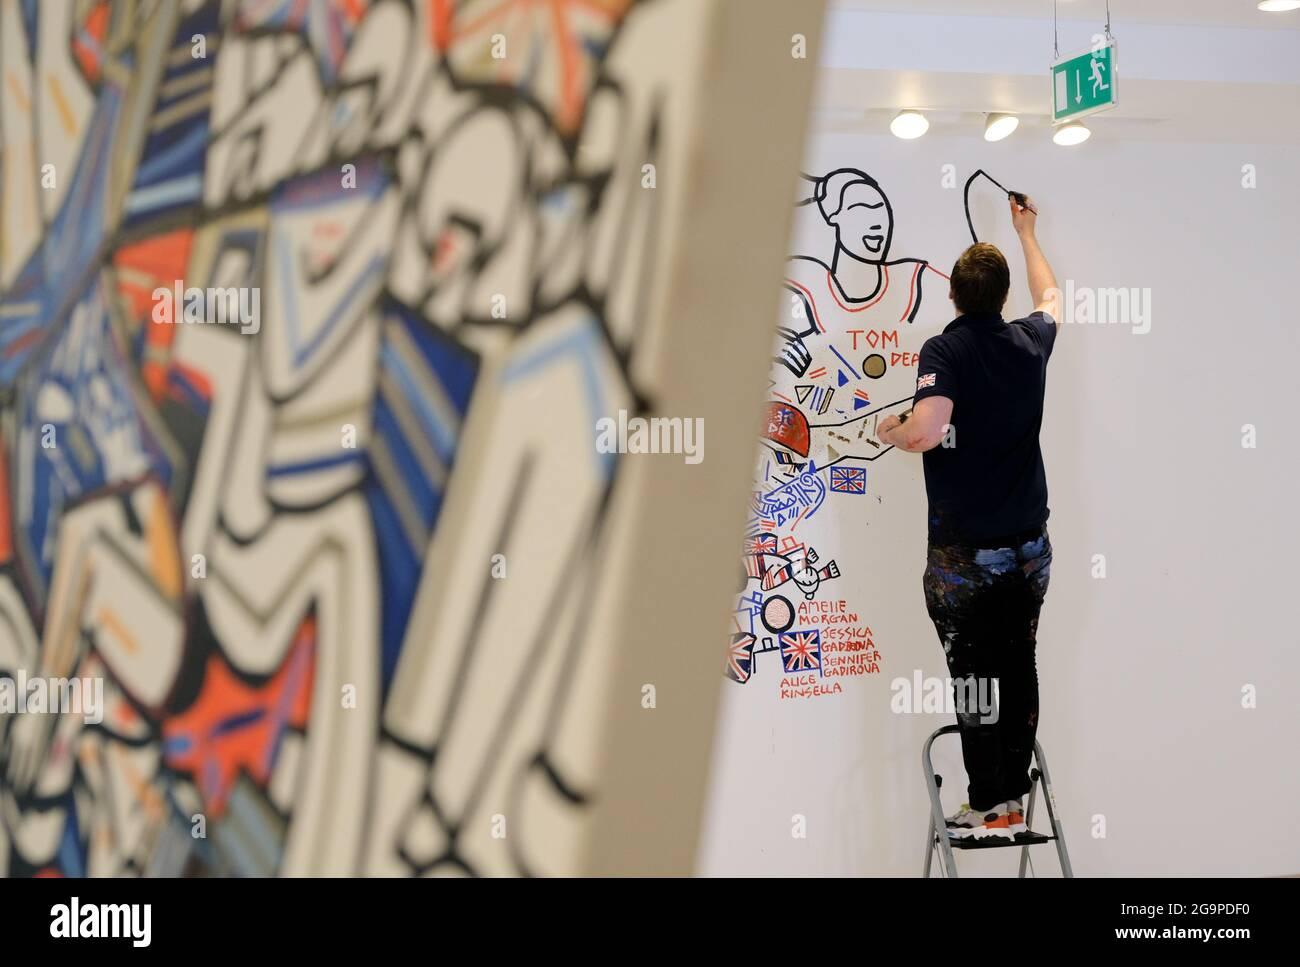 Carnaby Street, Londra, Regno Unito. 27 luglio 2021. Ben Mosley un artista ufficiale della squadra GB sta dipingendo un murale della squadra GB in uno spazio di negozio su Carnaby Street a Londra. Credit: Matthew Chpicle/Alamy Live News Foto Stock